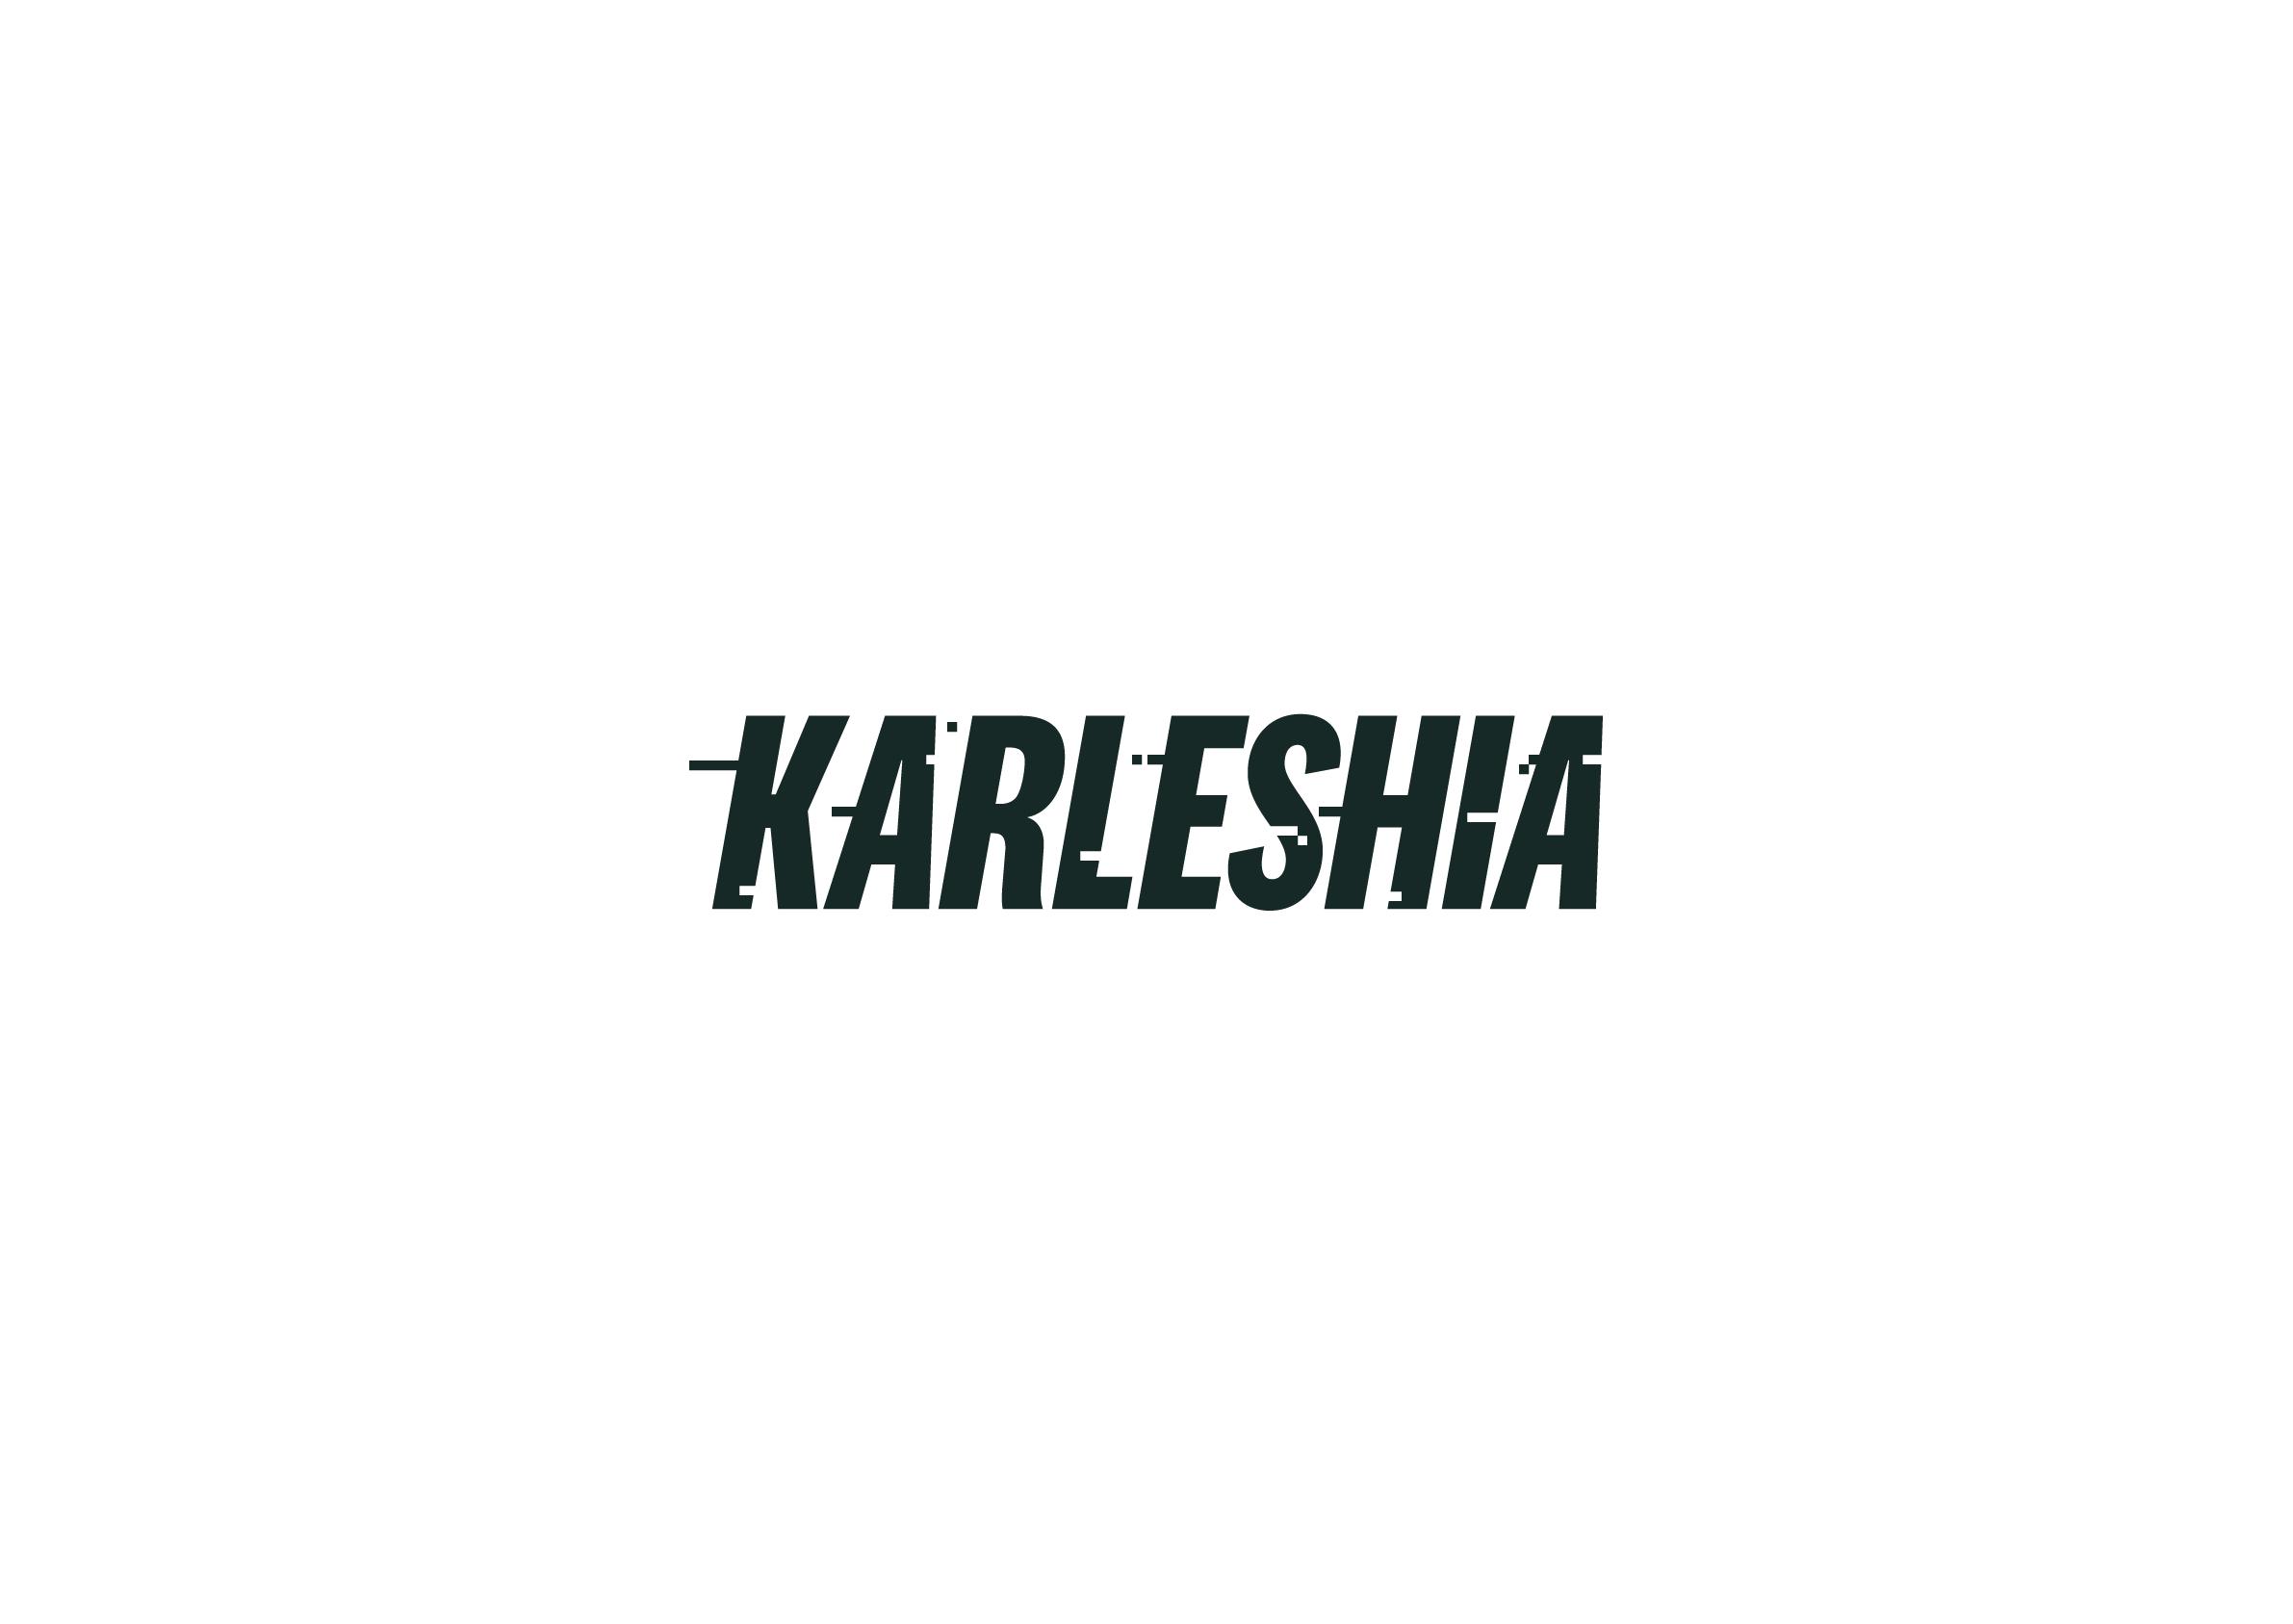 karleshia-6.jpg